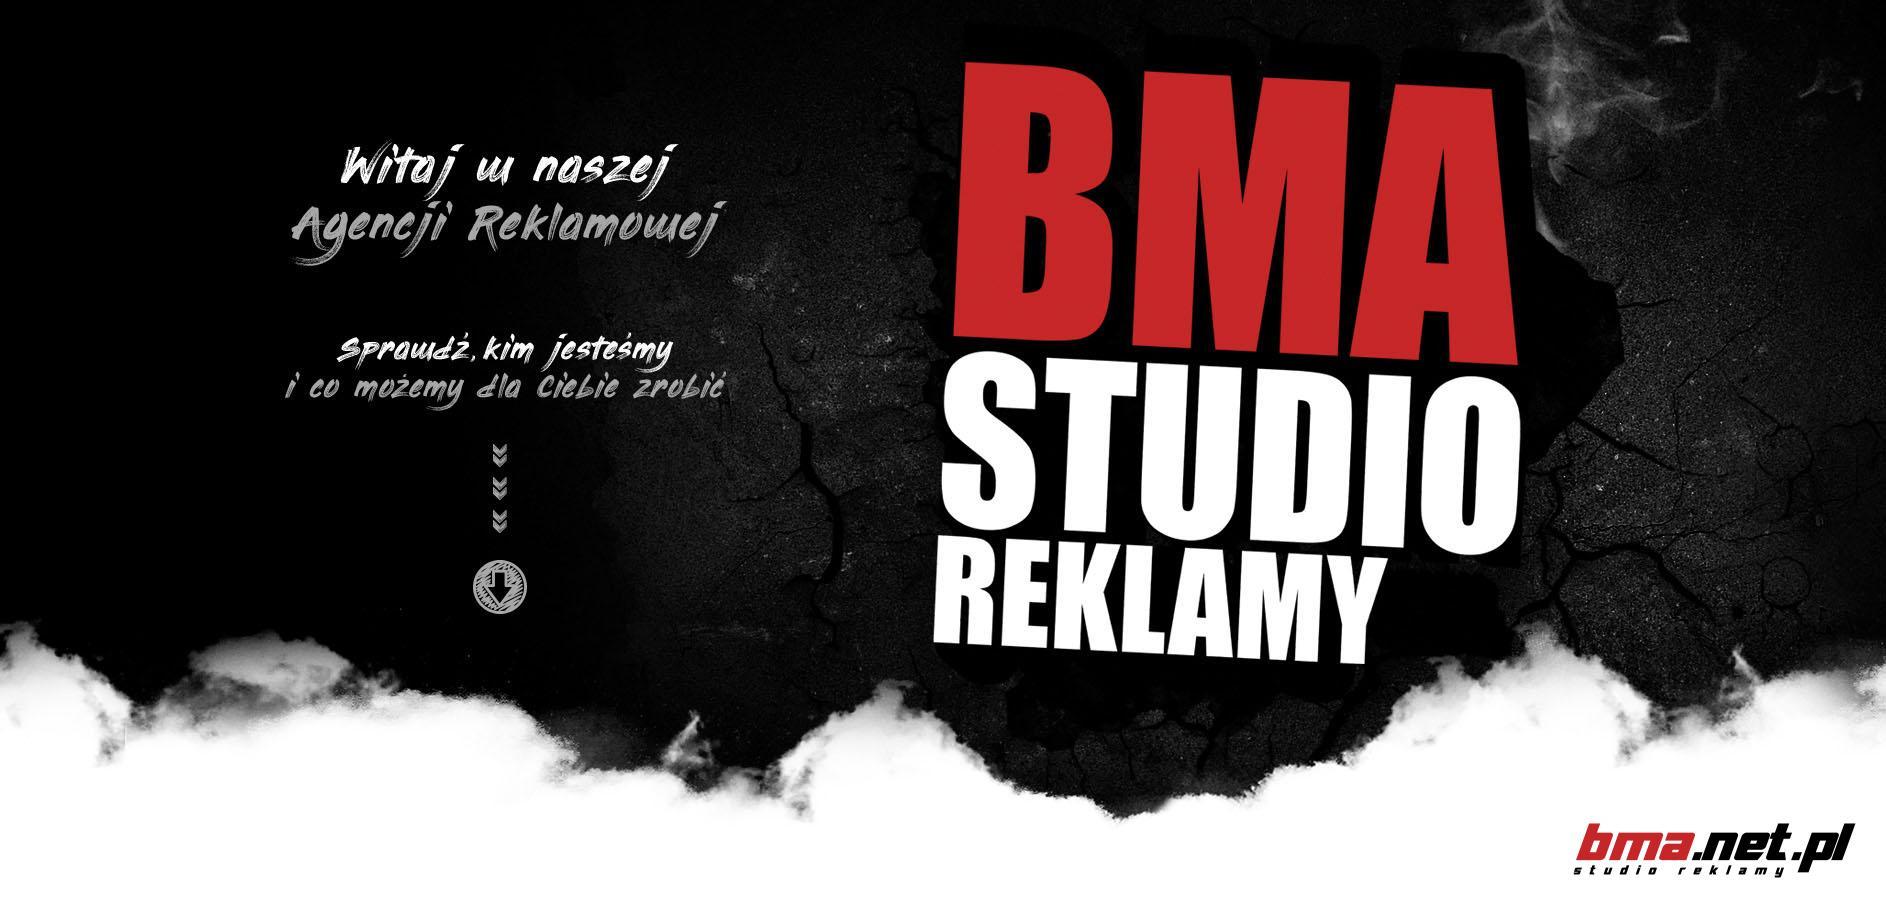 Bma Studio Reklamy Agencja Reklamowa Nowy Sącz Drukarnia